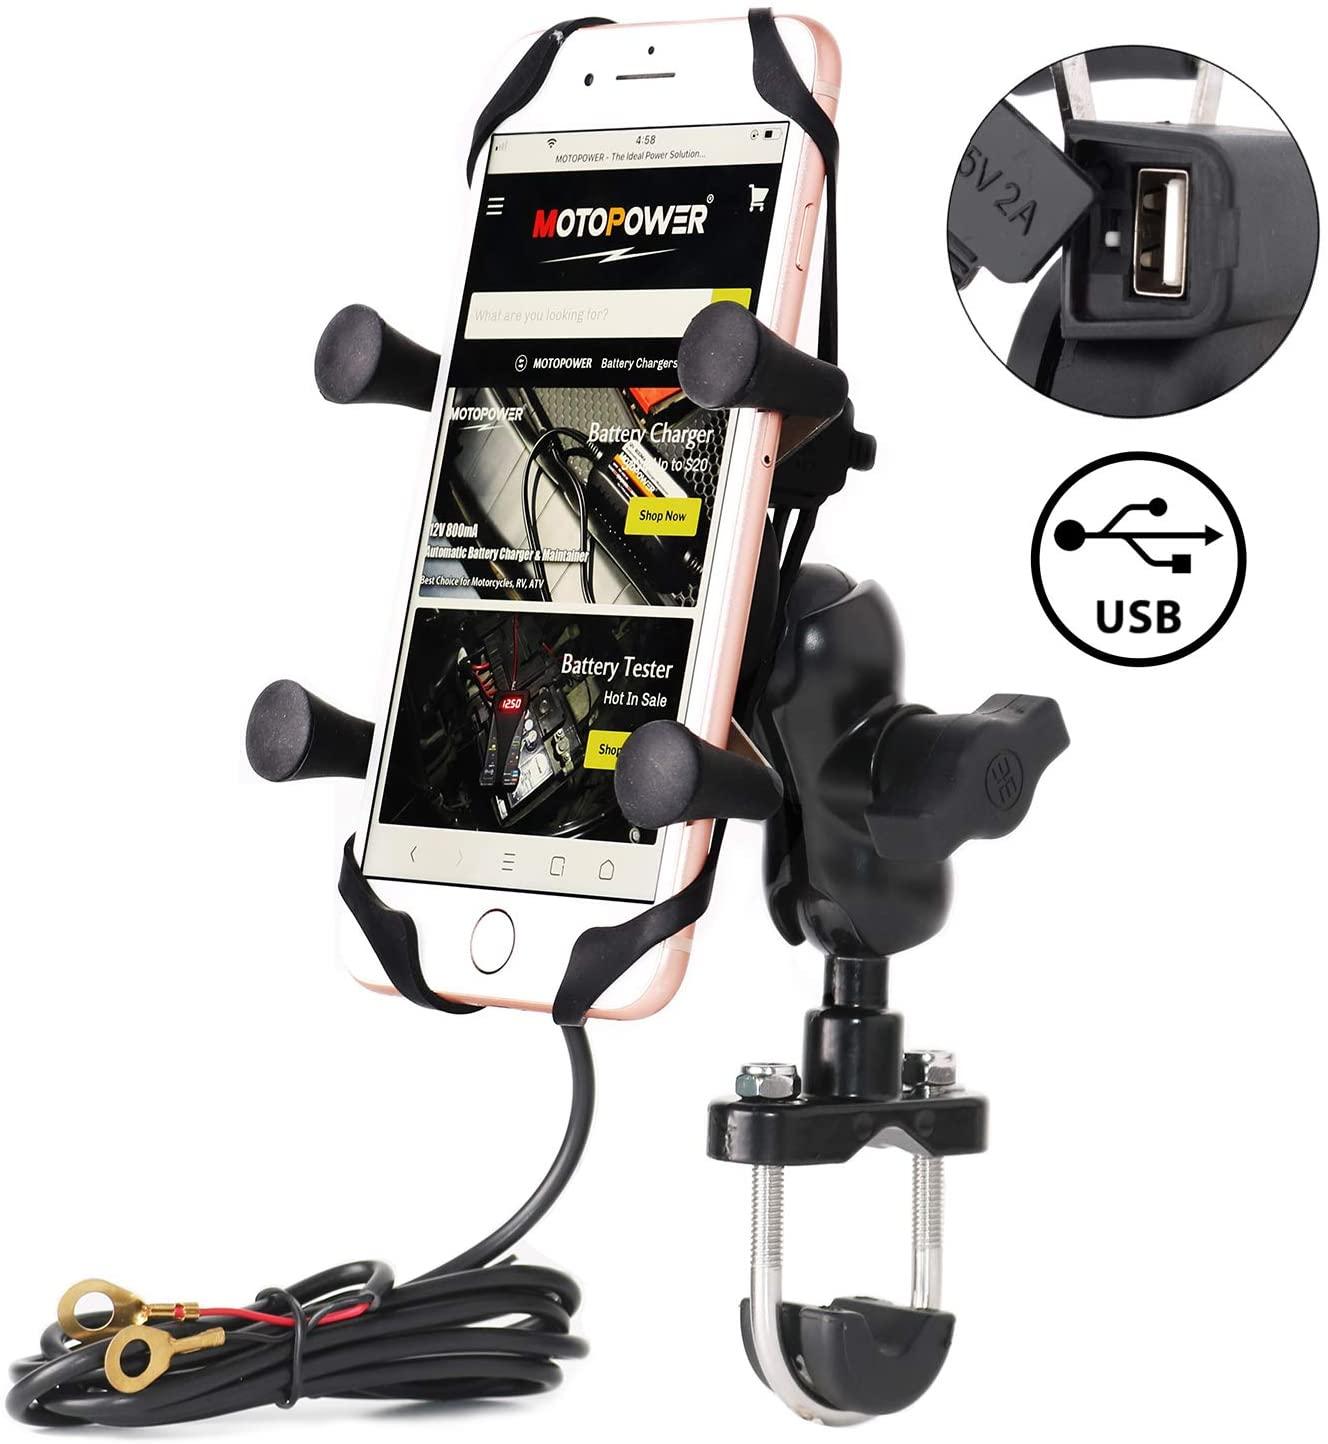 Supporto per telefono cellulare da moto, con caricatore USB, universale, per mountain bike e strada, per cellulare